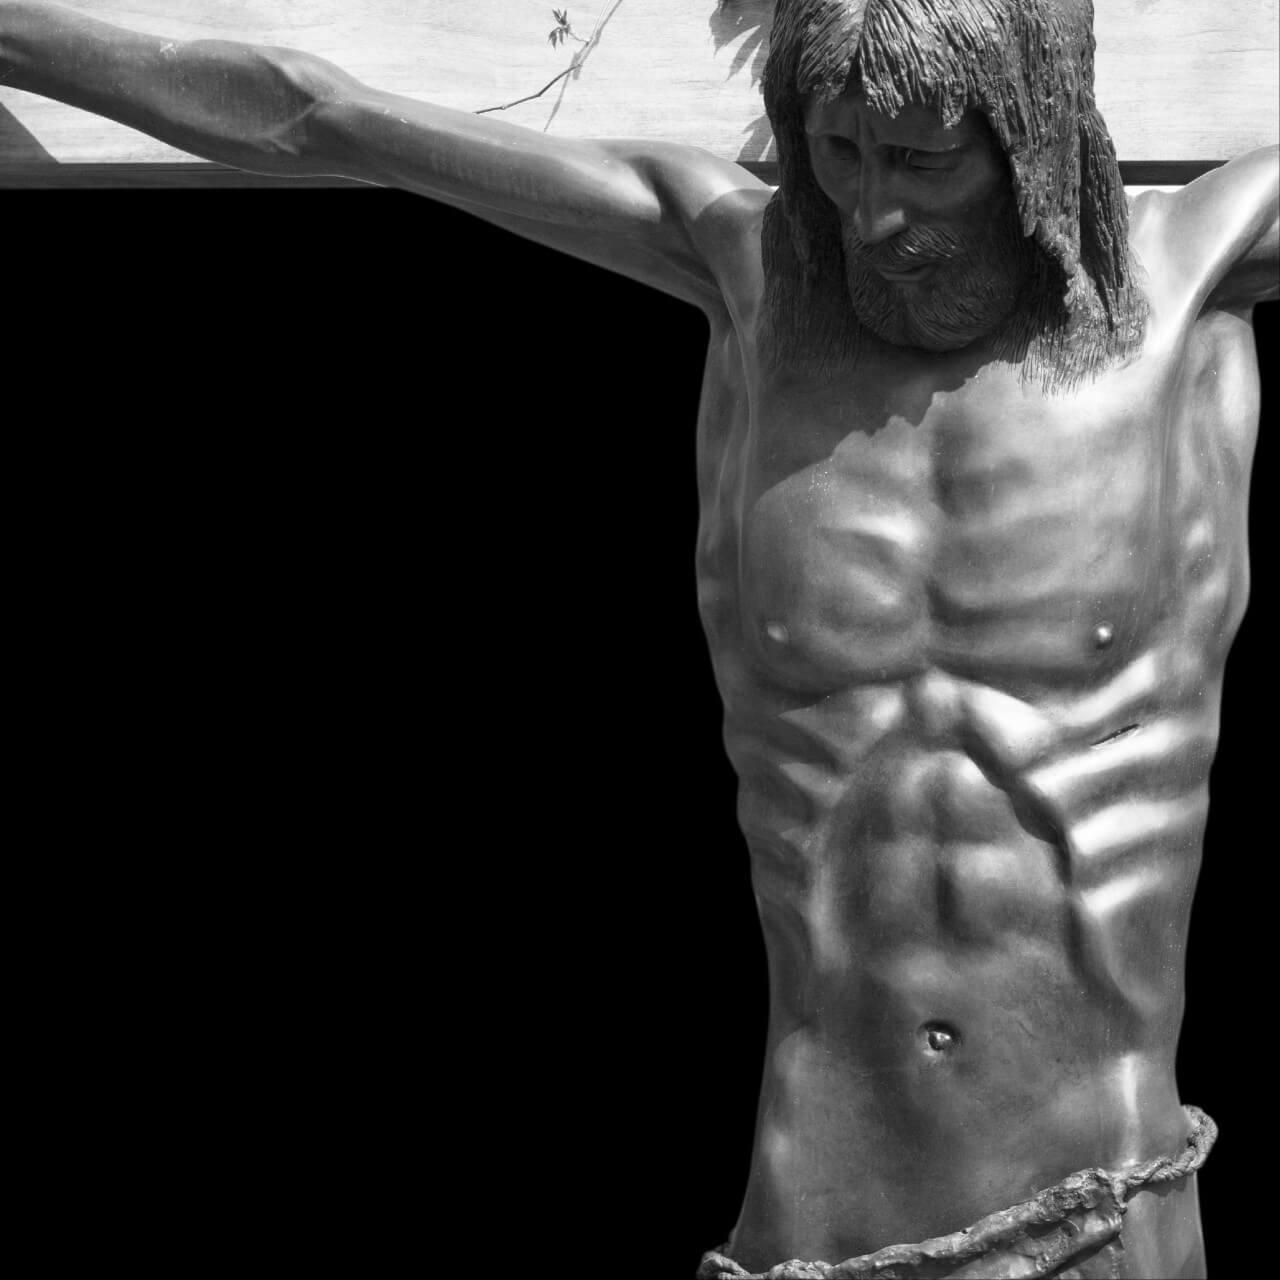 mario pavesi italian sculptur painter Christ on cross